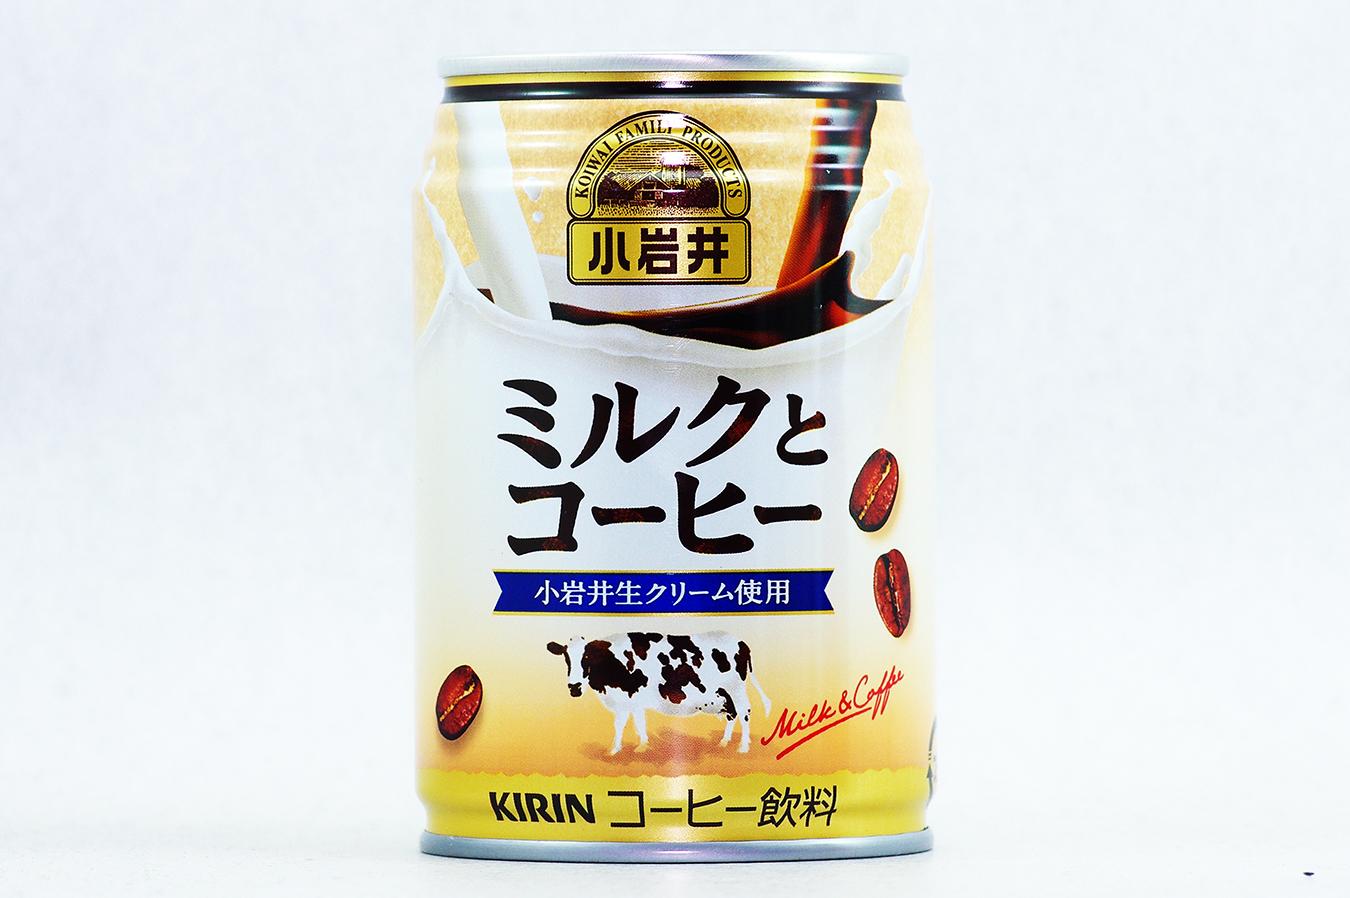 小岩井 ミルクとコーヒー 缶 2017年